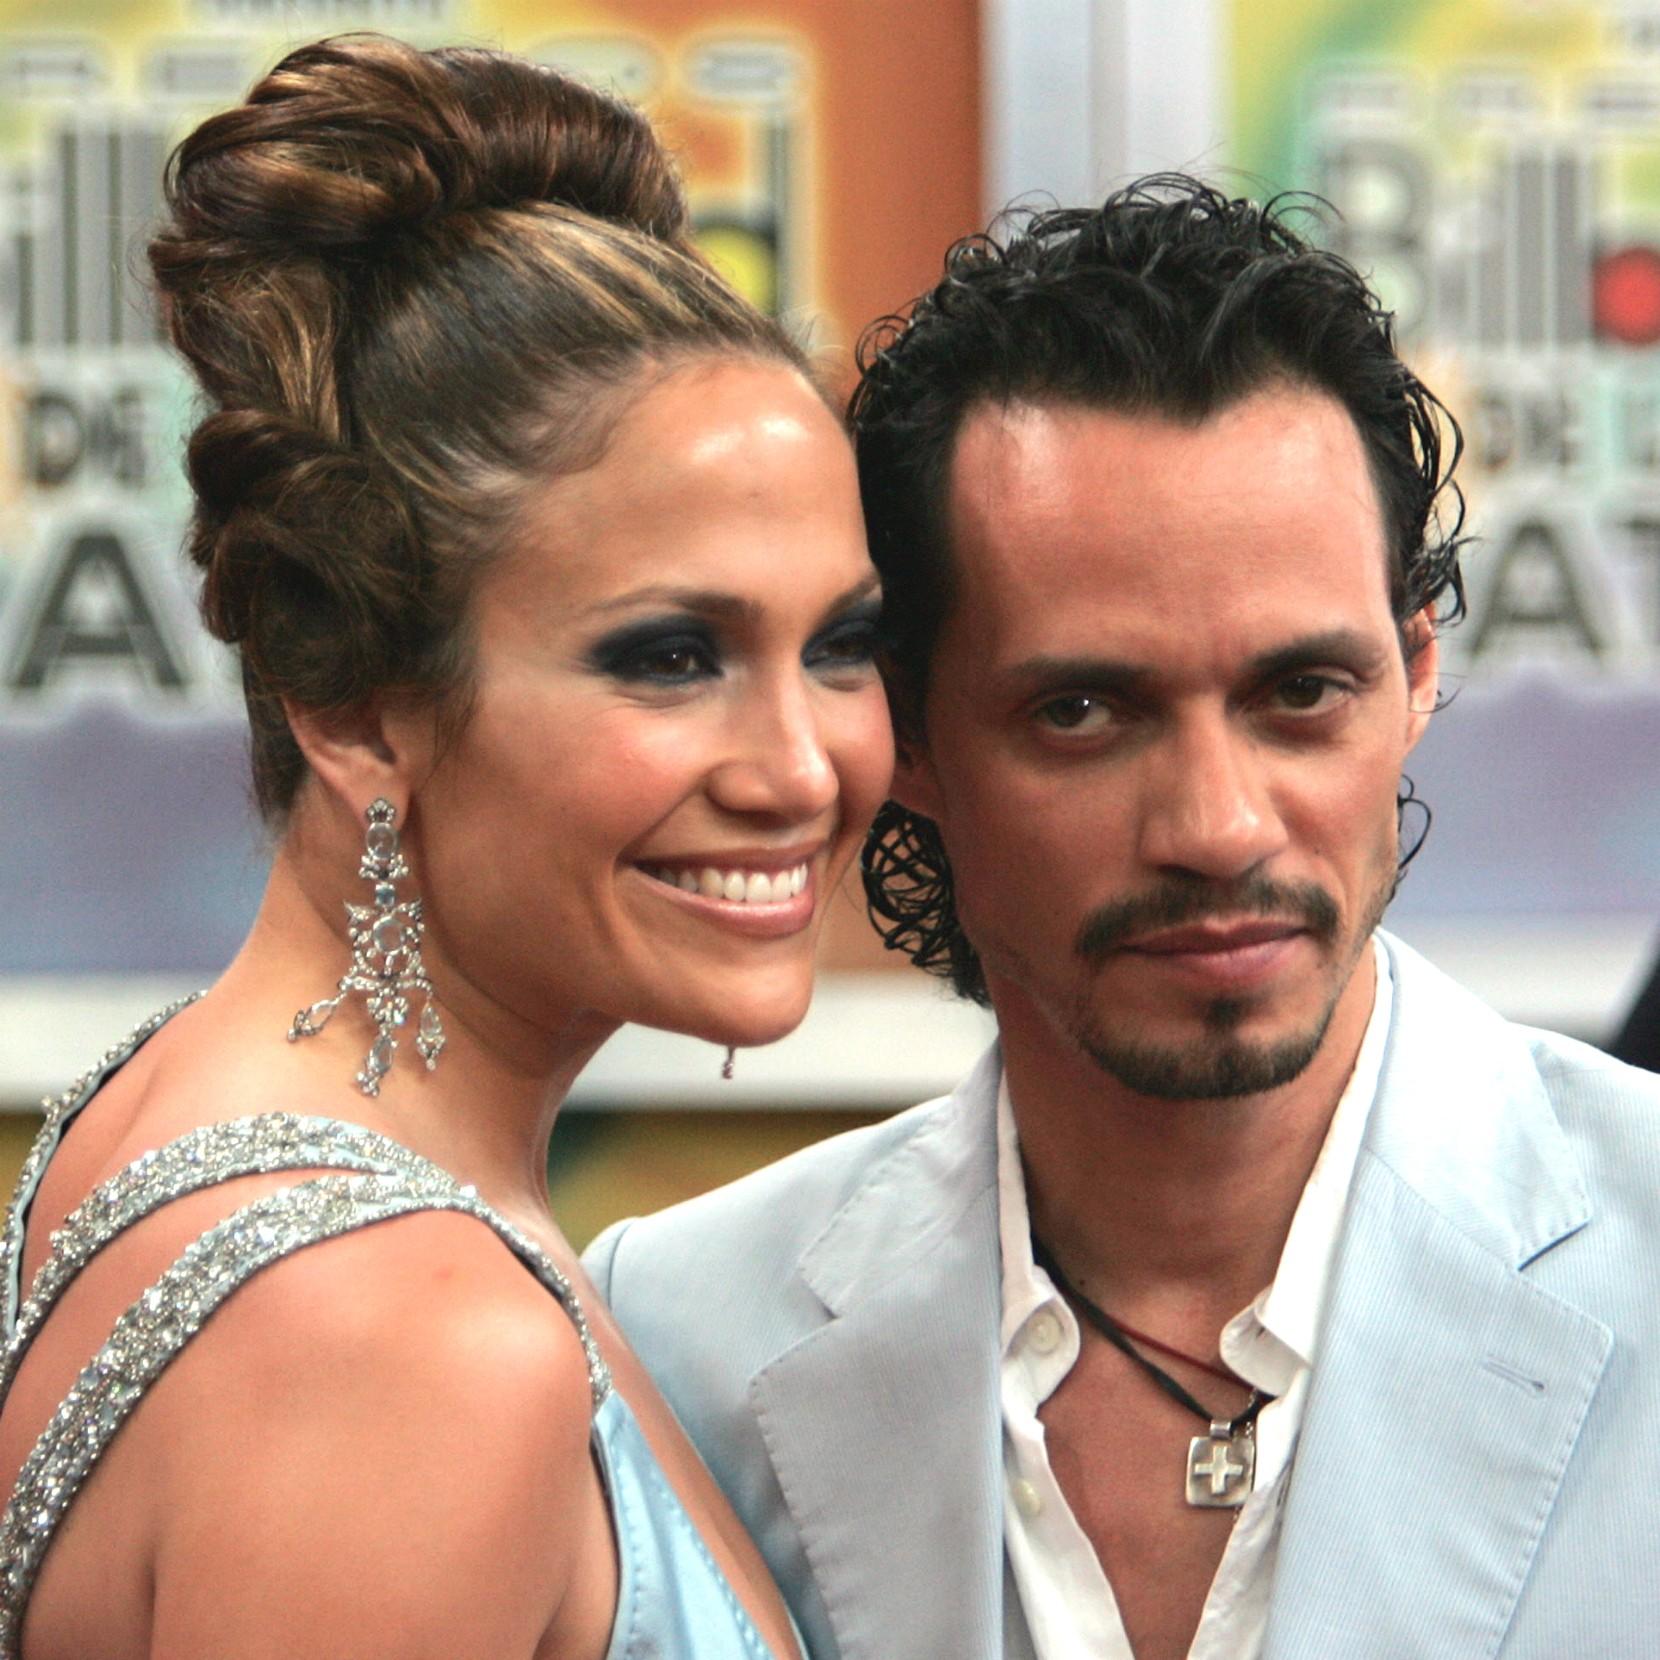 O divórcio de Jennifer Lopez do cantor e produtor Marc Anthony saiu em 2014, dez anos após se casarem. Eles decidiram subir ao altar depois de menos de seis meses de namoro, e se separaram depois de sete anos. (Foto: Getty Images)